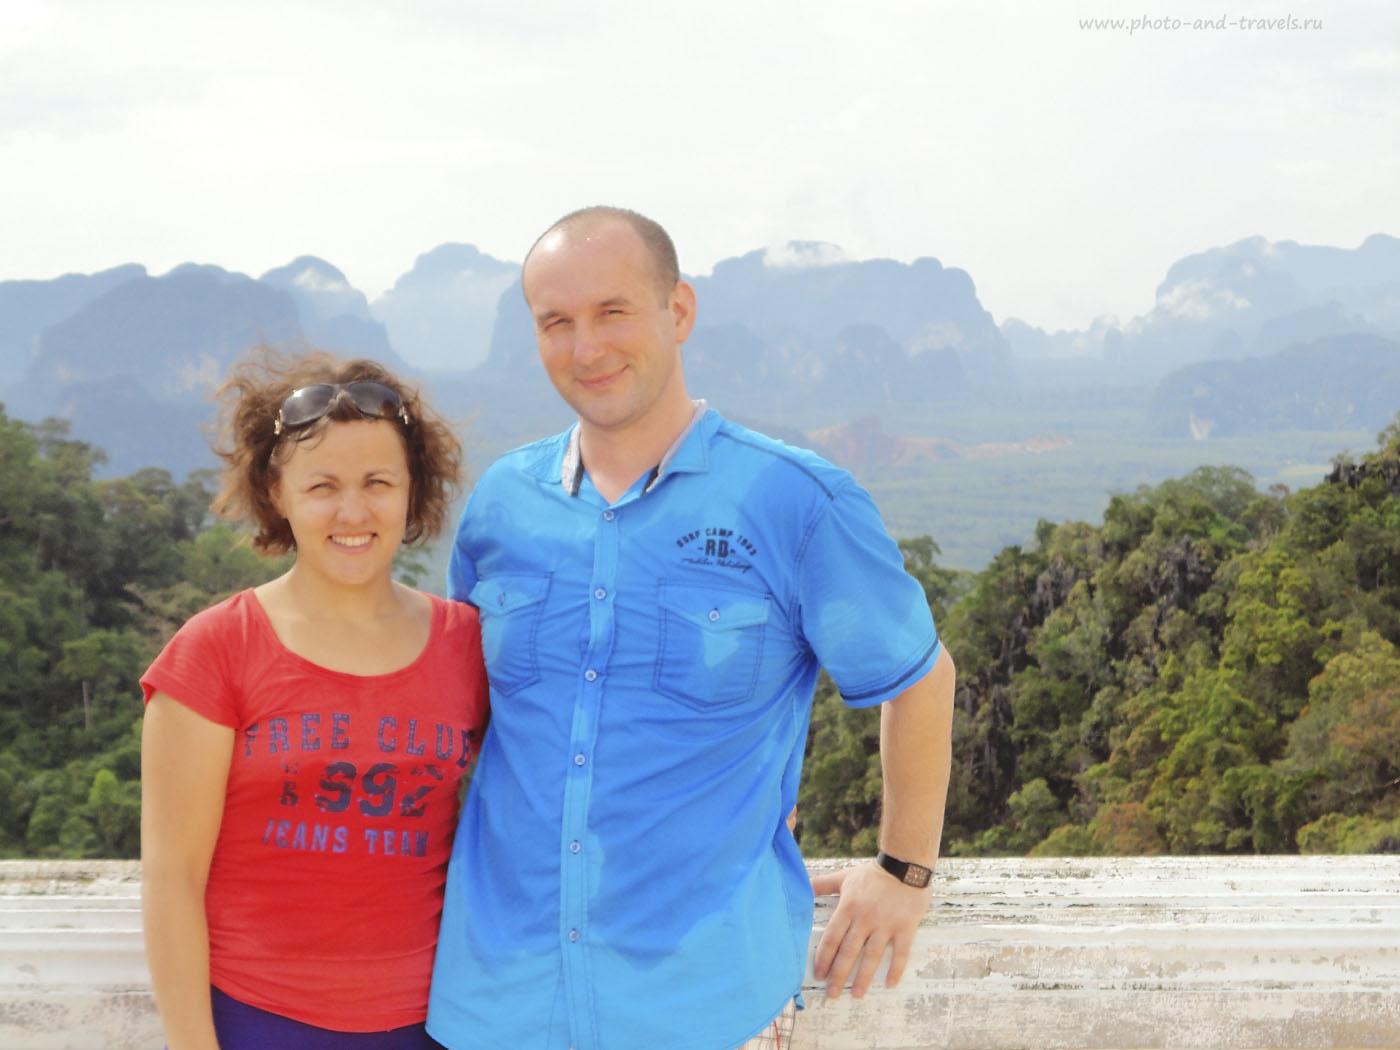 Фото 6. На вершине горы Тигрового Храма (Tiger Cave Temple или Wat Tham Sua). Из нашей группы никто больше не захотел подниматься, поэтому гид выделил только 1 час на восхождение и спуск. Это очень мало и очень трудно. В 2015 году мы поднимались здесь снова, но самостоятельно и не спешили. Отзывы об отдыхе в Тайланде.